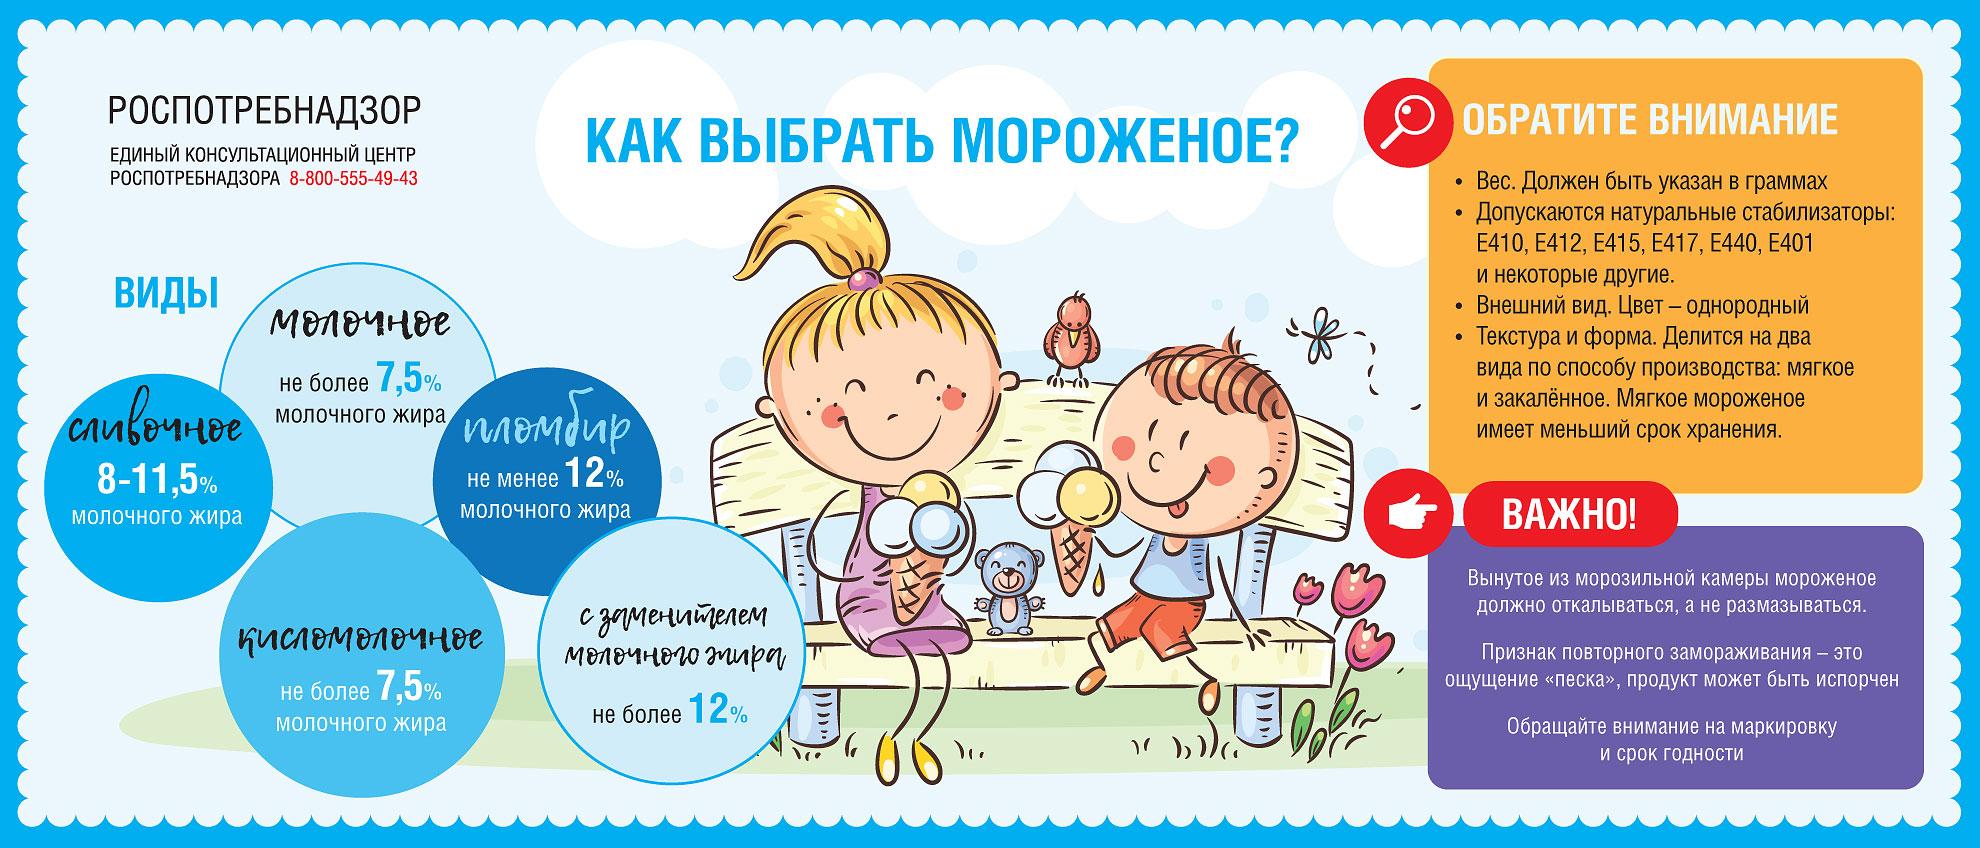 Топ советов по выбору мороженого в Тверской области